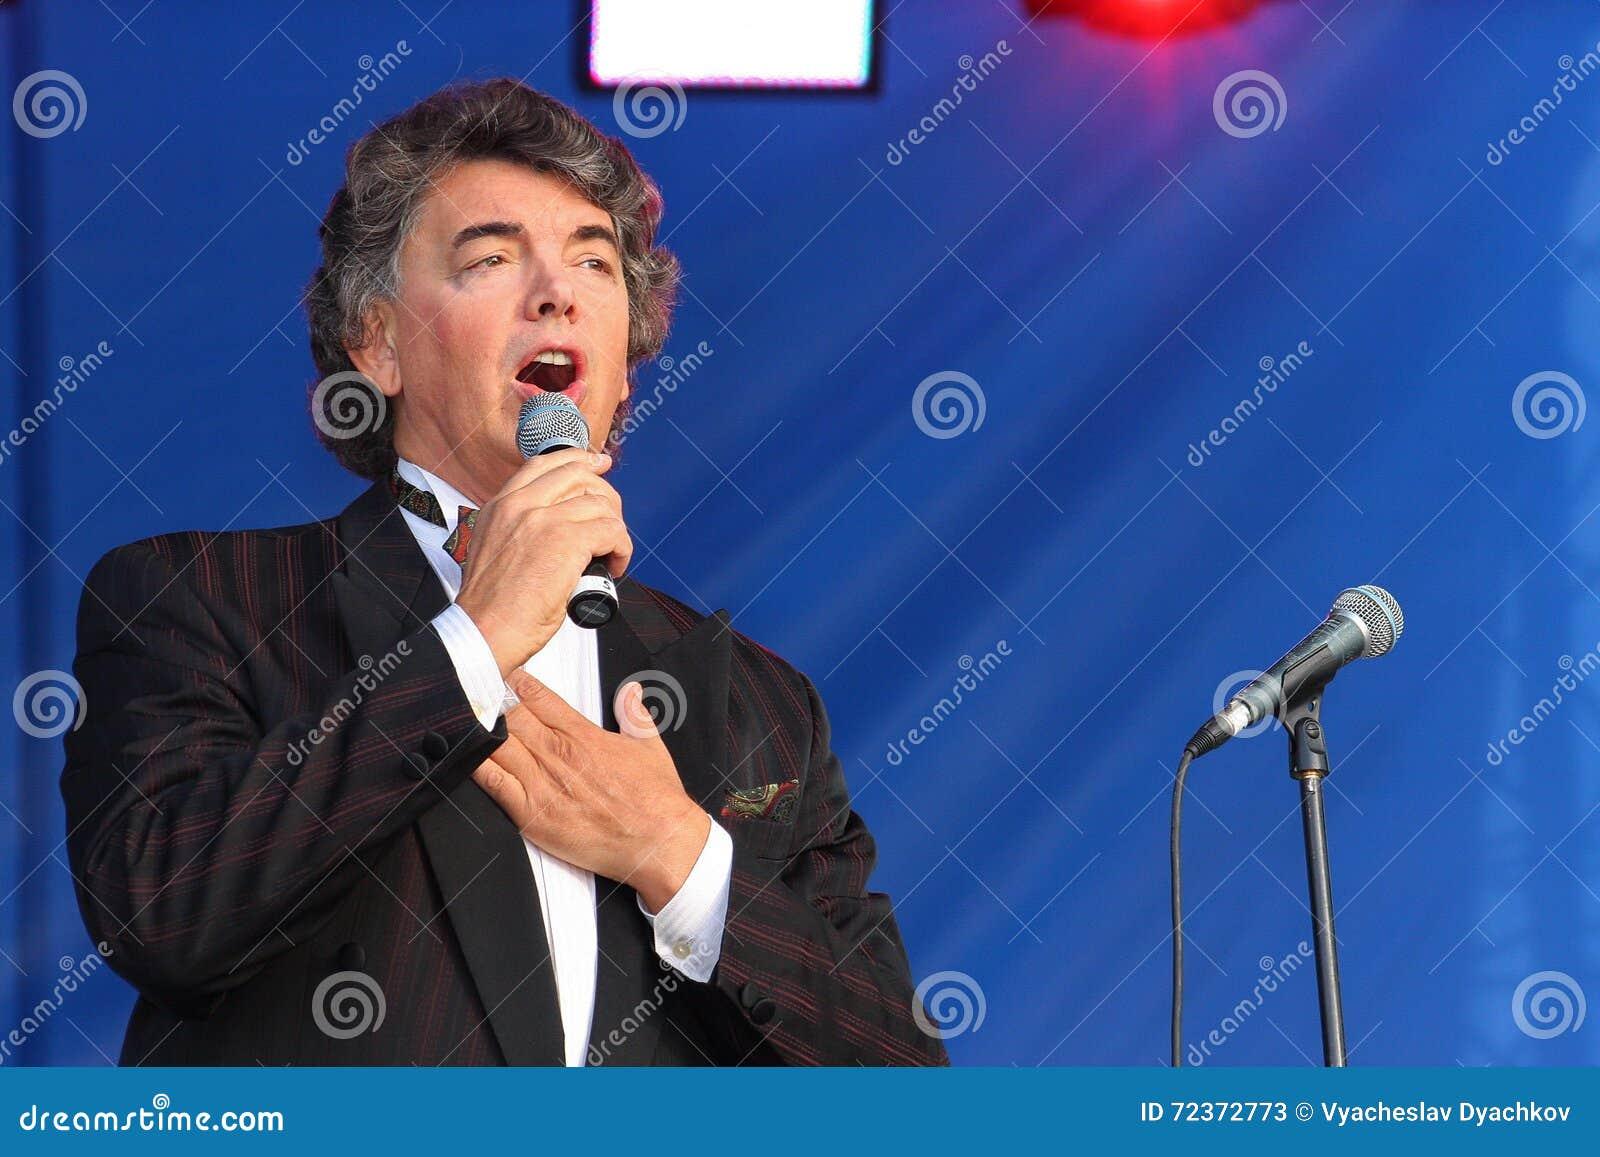 在阶段唱歌的歌剧歌手,演员,流行音乐明星,谢尔盖扎哈罗夫苏联和俄国音乐的神象